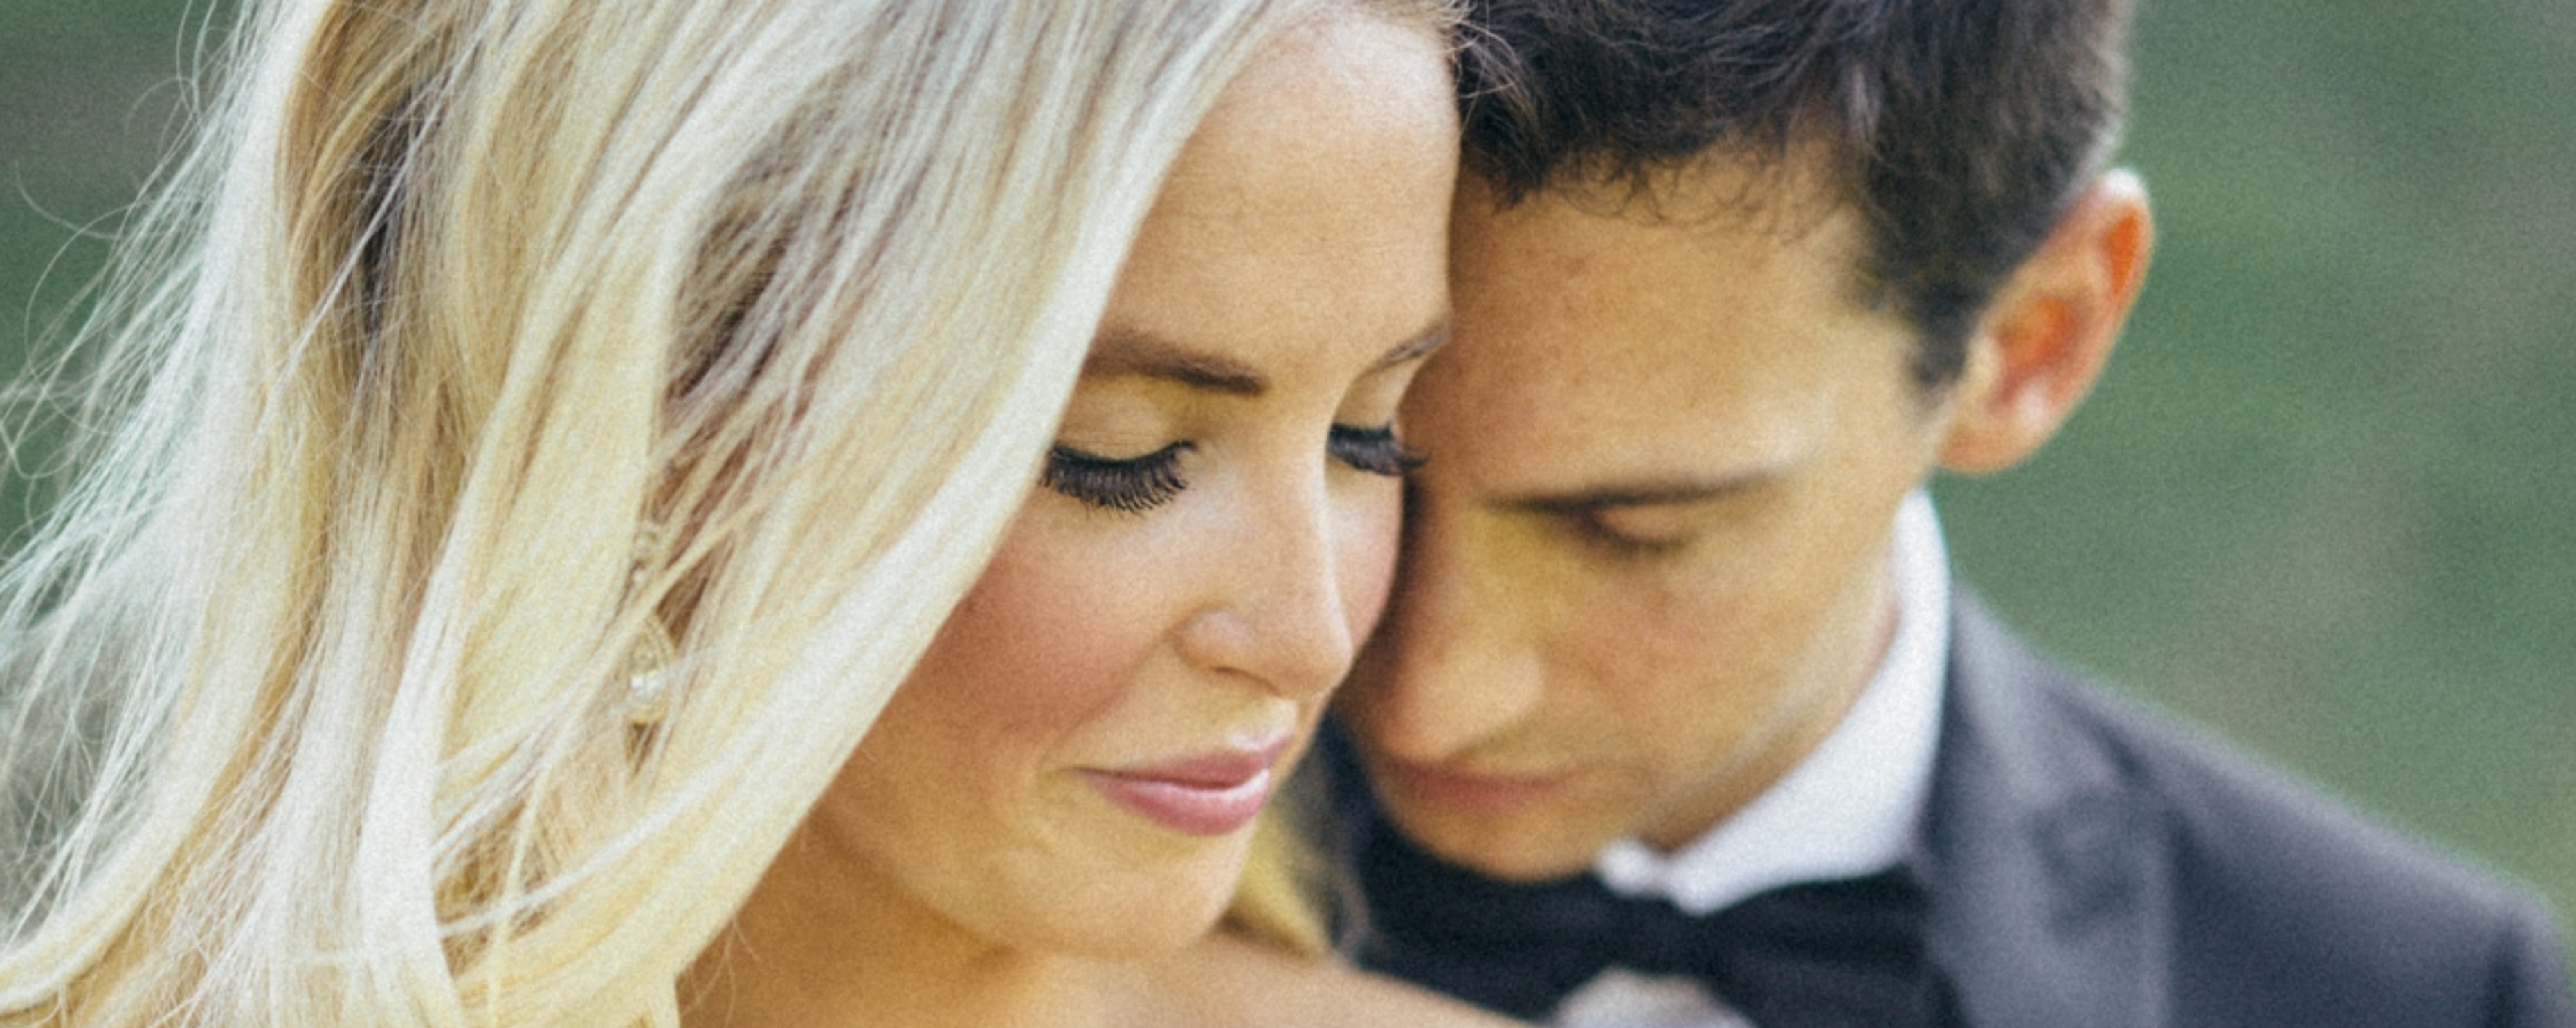 Kristen dating Kansas City Dating före äktenskapet kristen